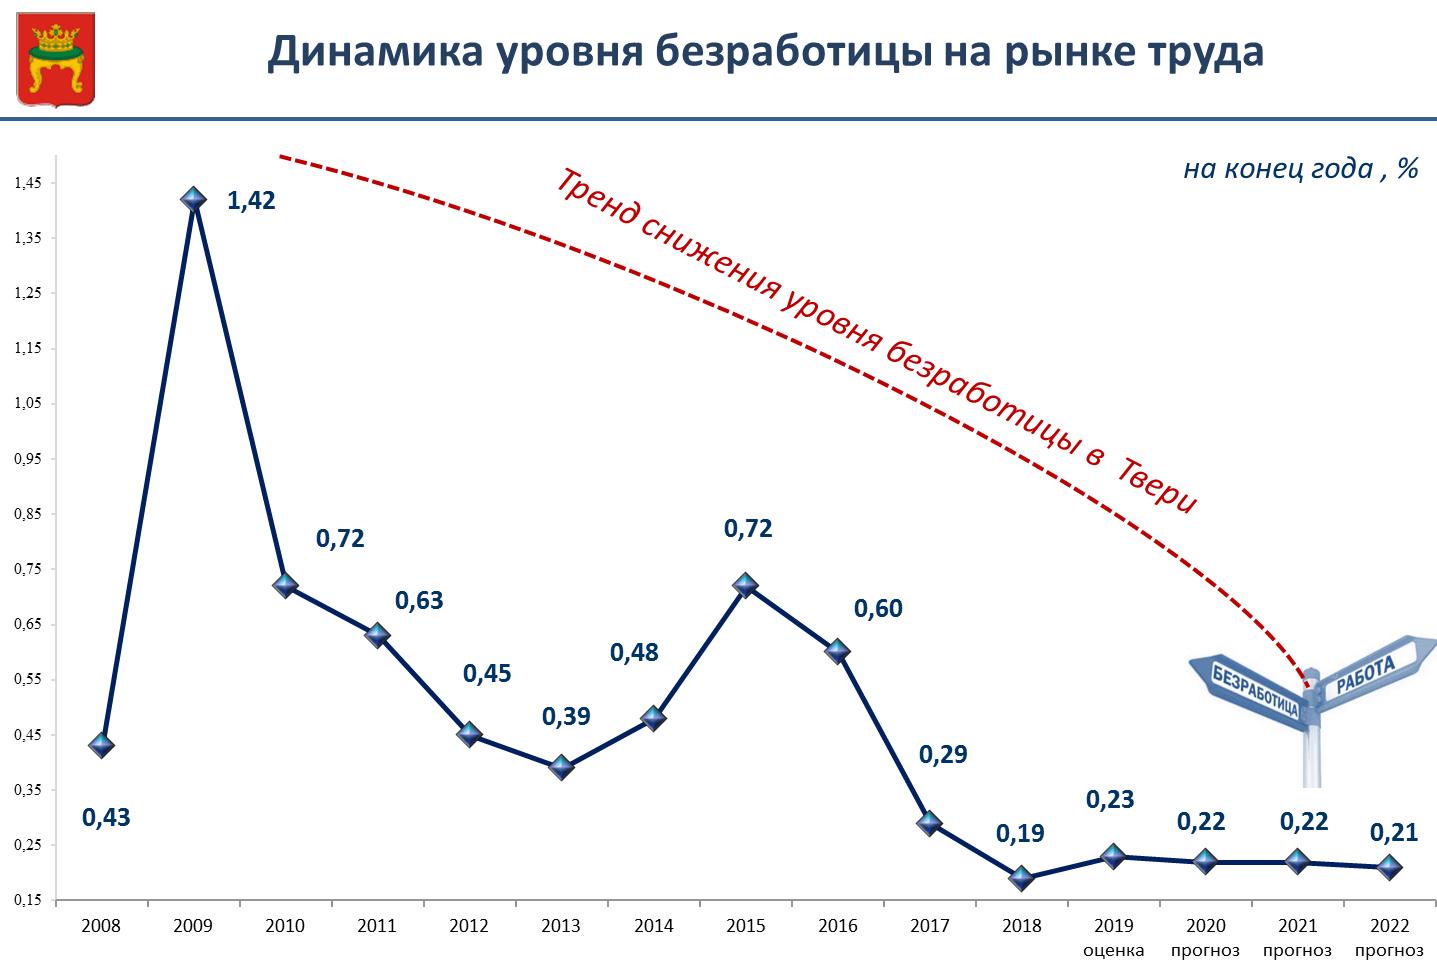 В Твери самый низкий уровень безработицы в ЦФО